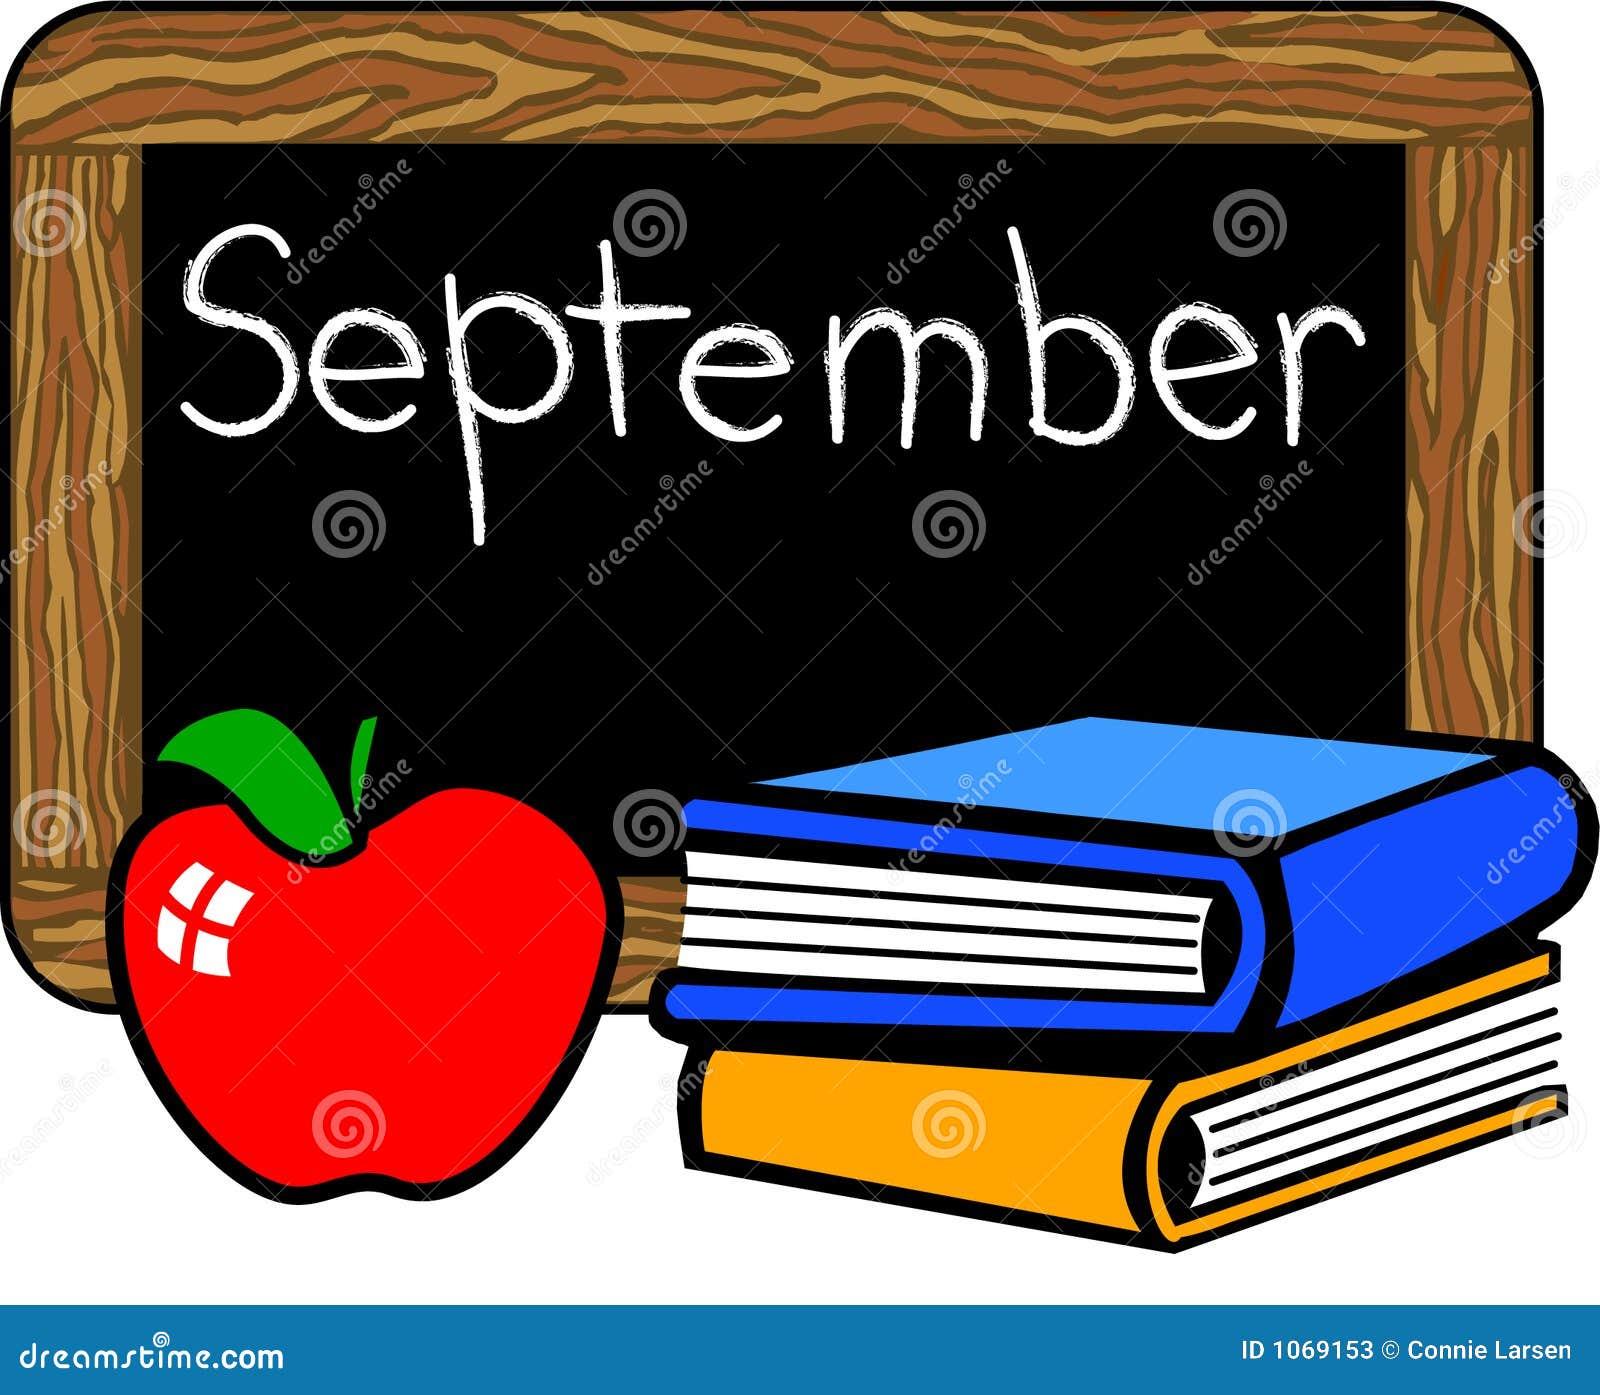 September chalkboard